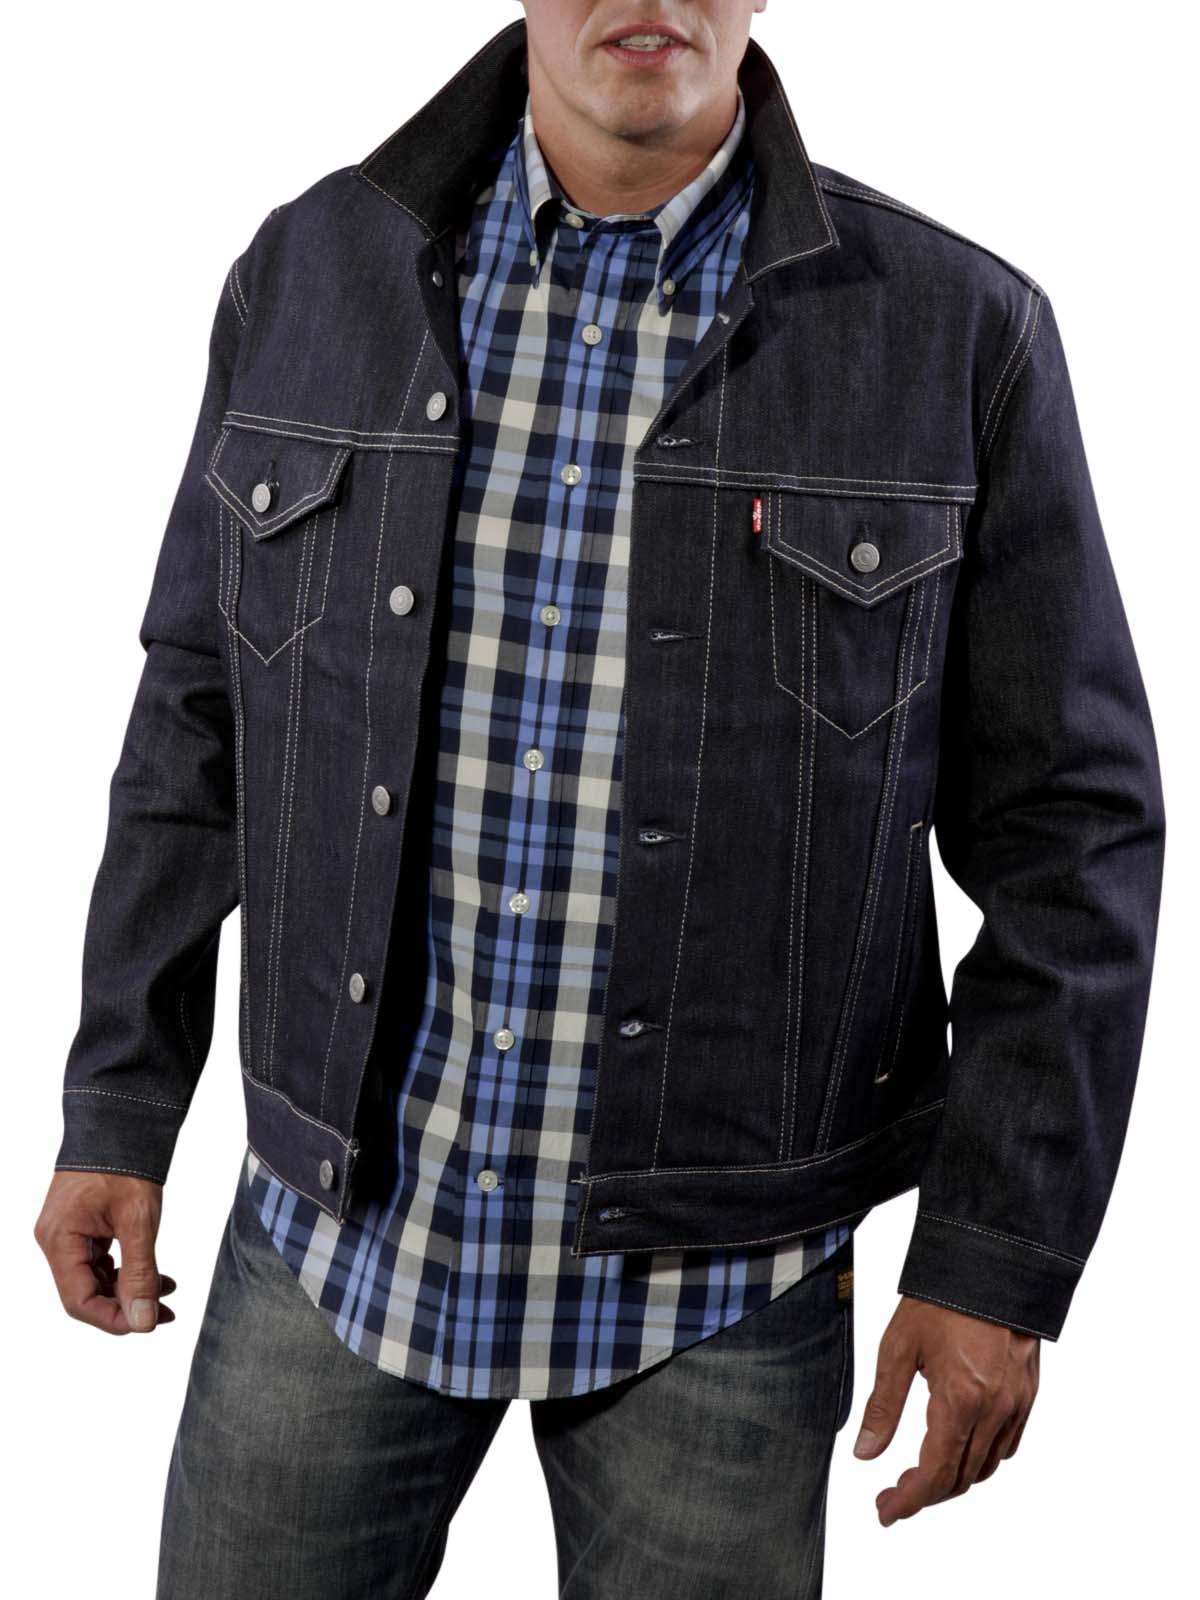 Levi's Trucker Jacket navy Levi's Herren Jacke | Gratis